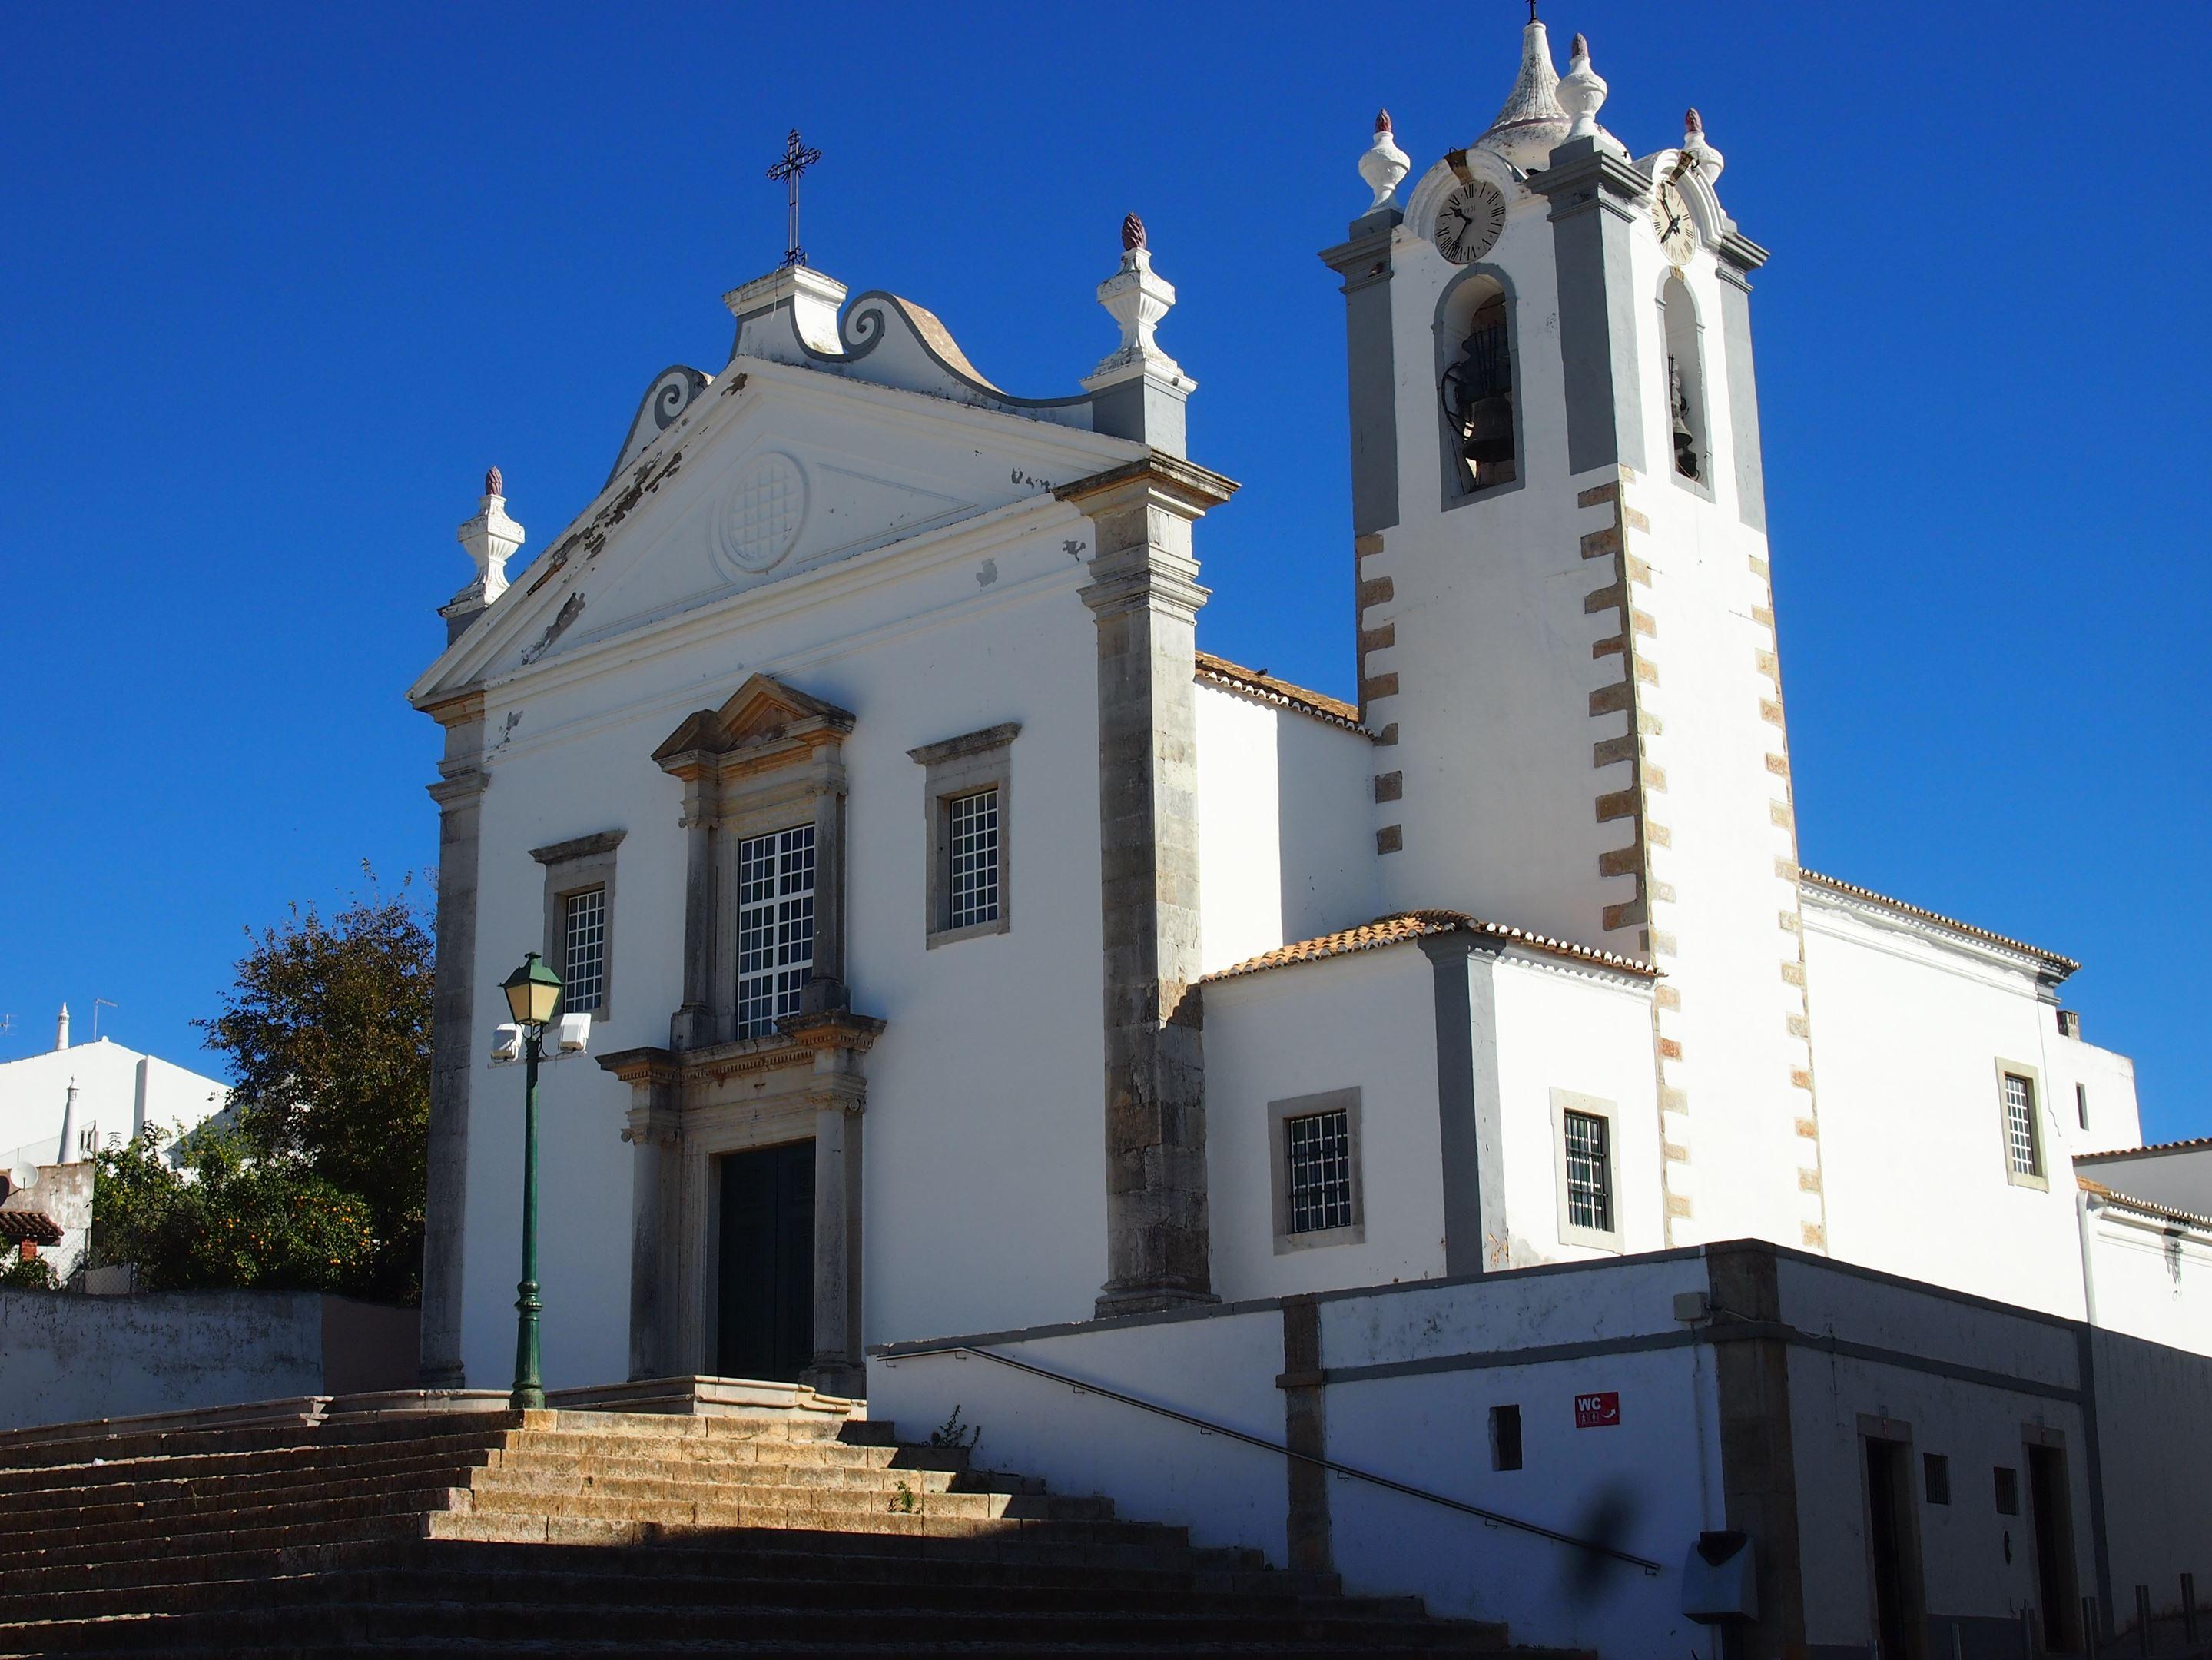 Estoi church - Igreja Matriz de Estoi, Algarve